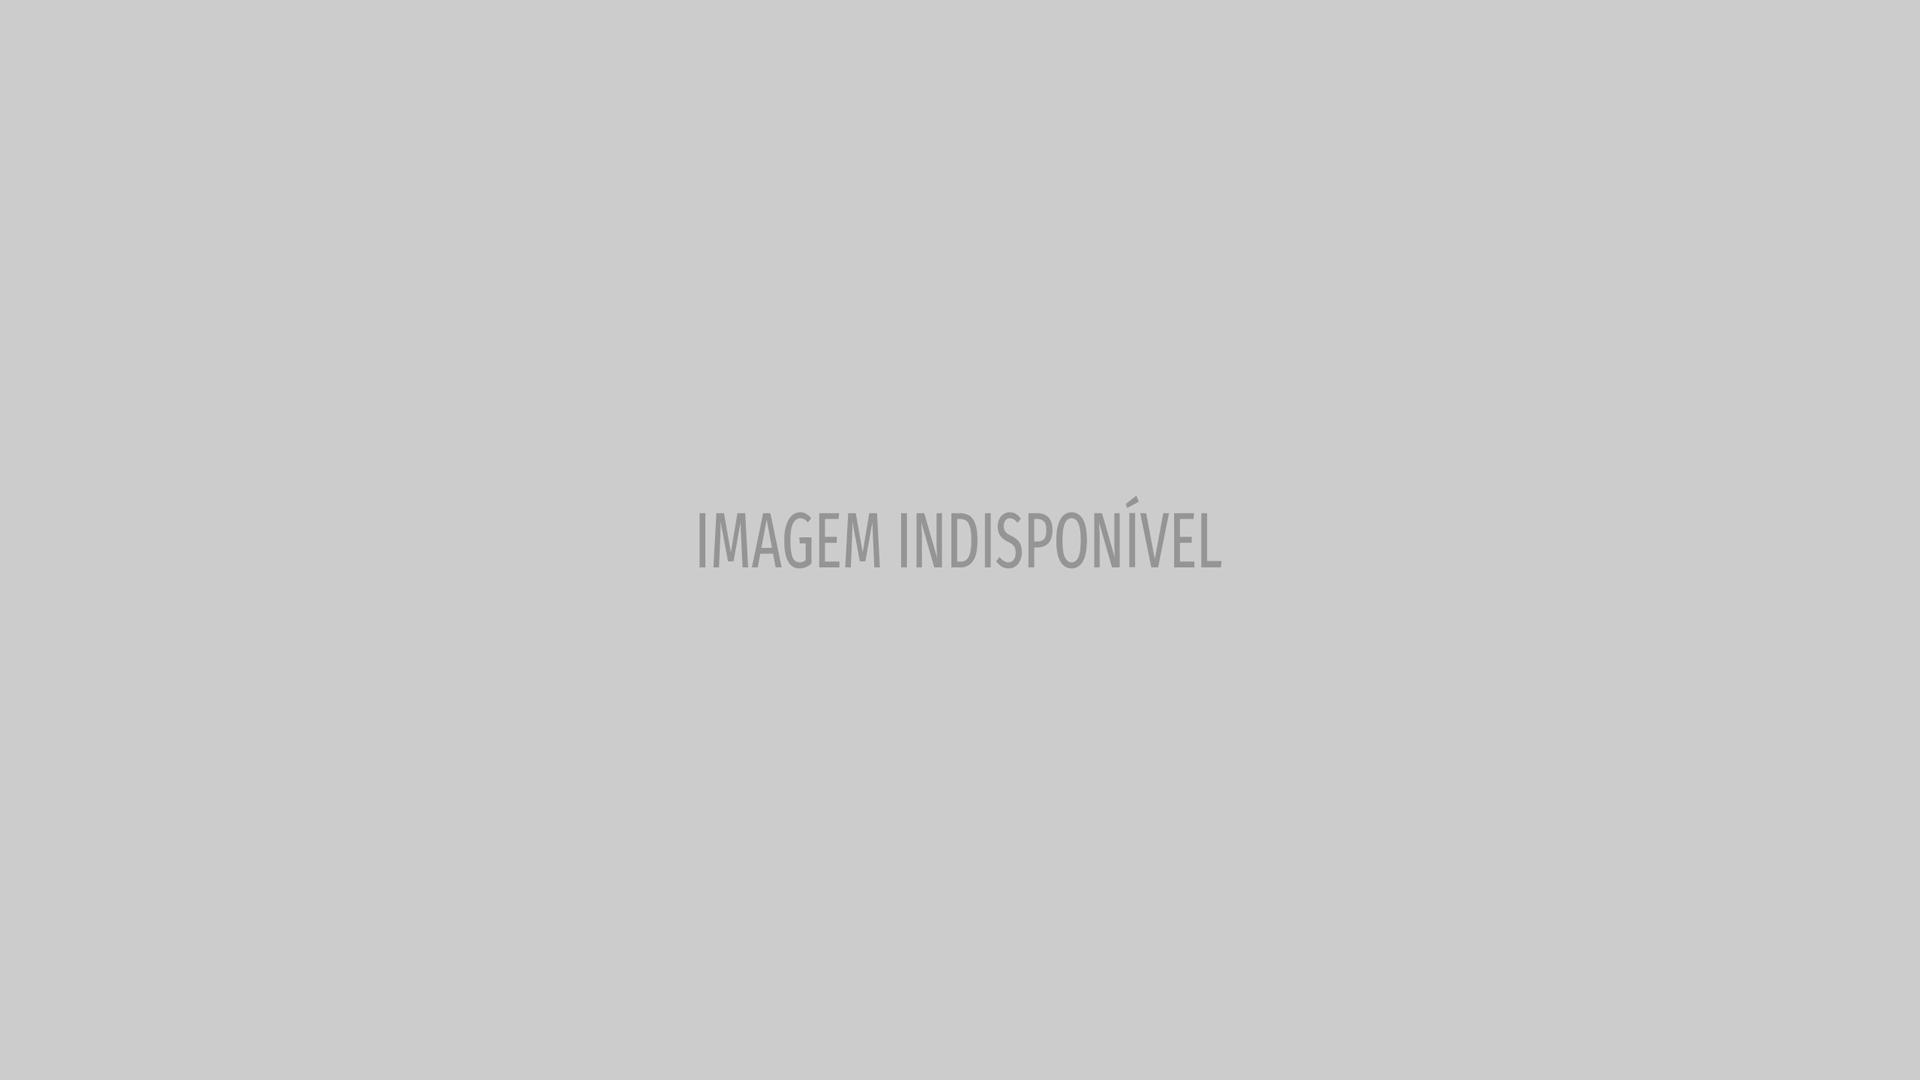 Furacão Irma destrói casa do bilionário Richard Branson nas Ilhas Virgens